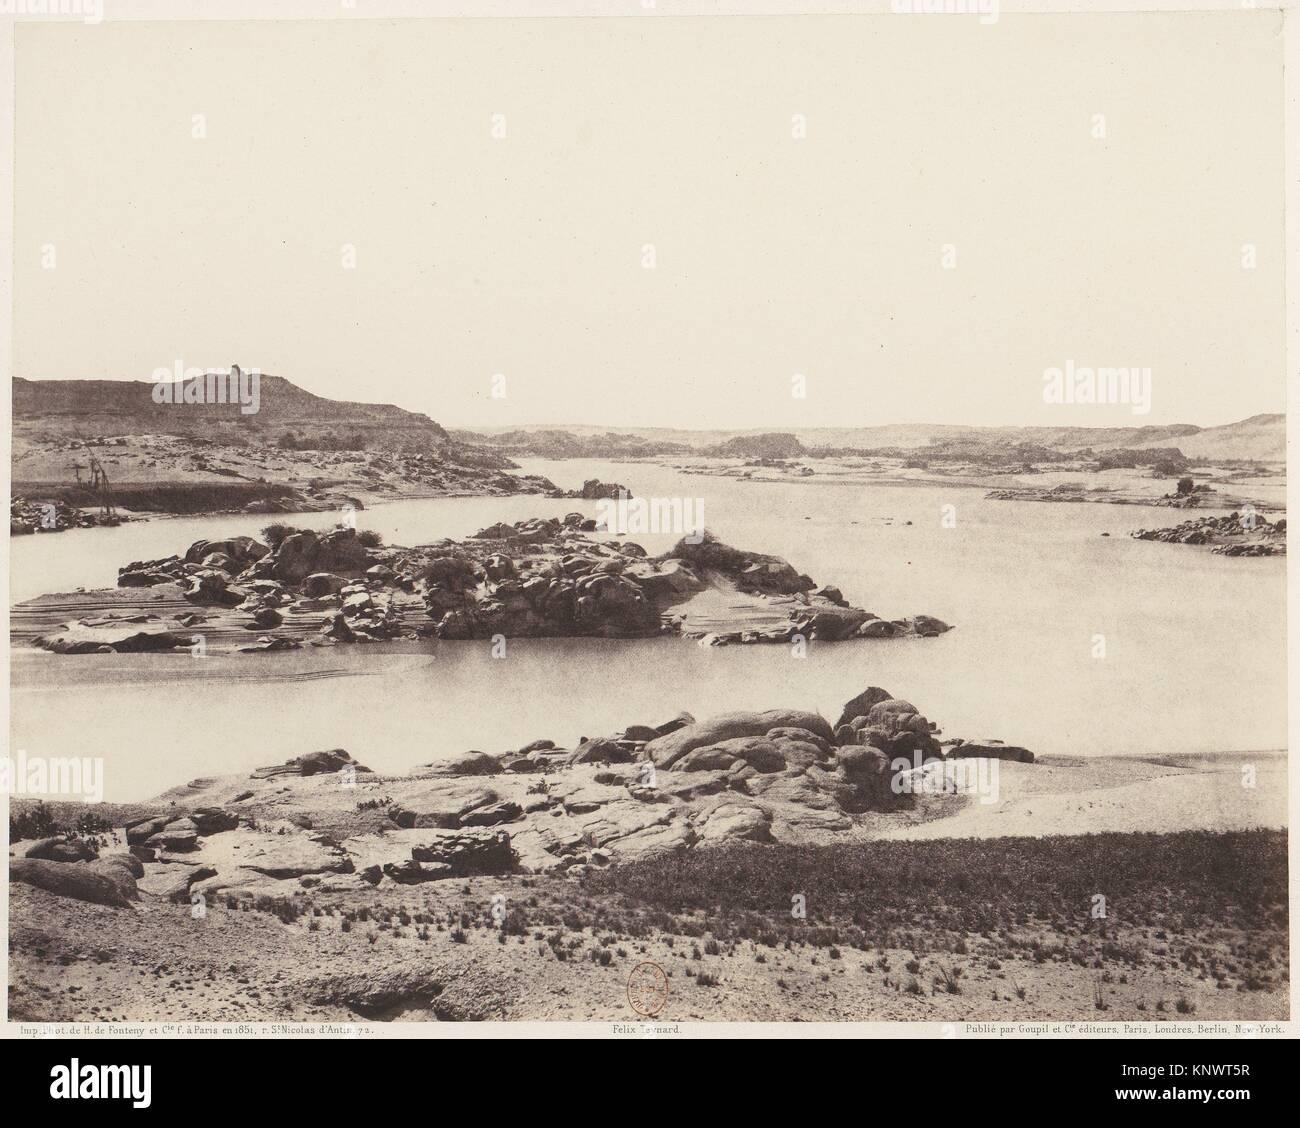 Première Cataracte, Vue Générale Prise de la Point Méridionale de l´Ile d´Éléphantine. - Stock Image